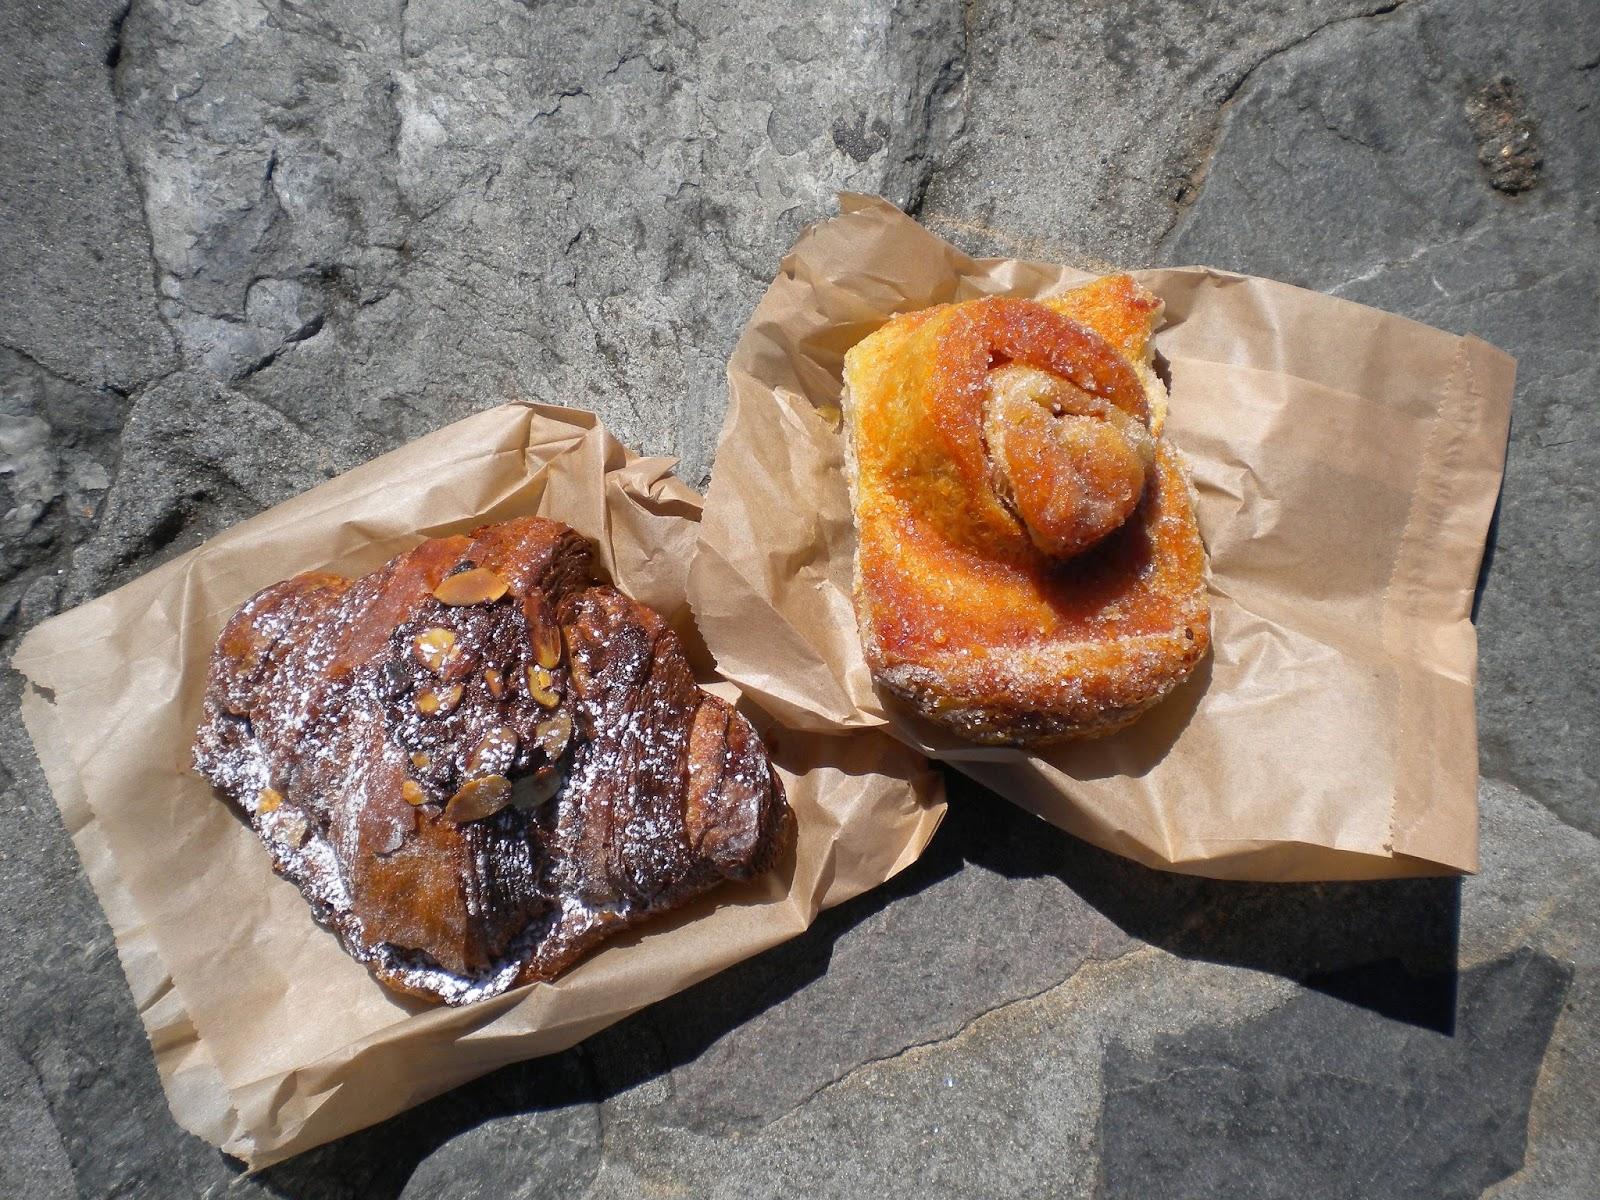 tartine bakery san francisco mission california leipomo croissant voisarvi morning bun pulla matkailu matkajuttu mallaspulla